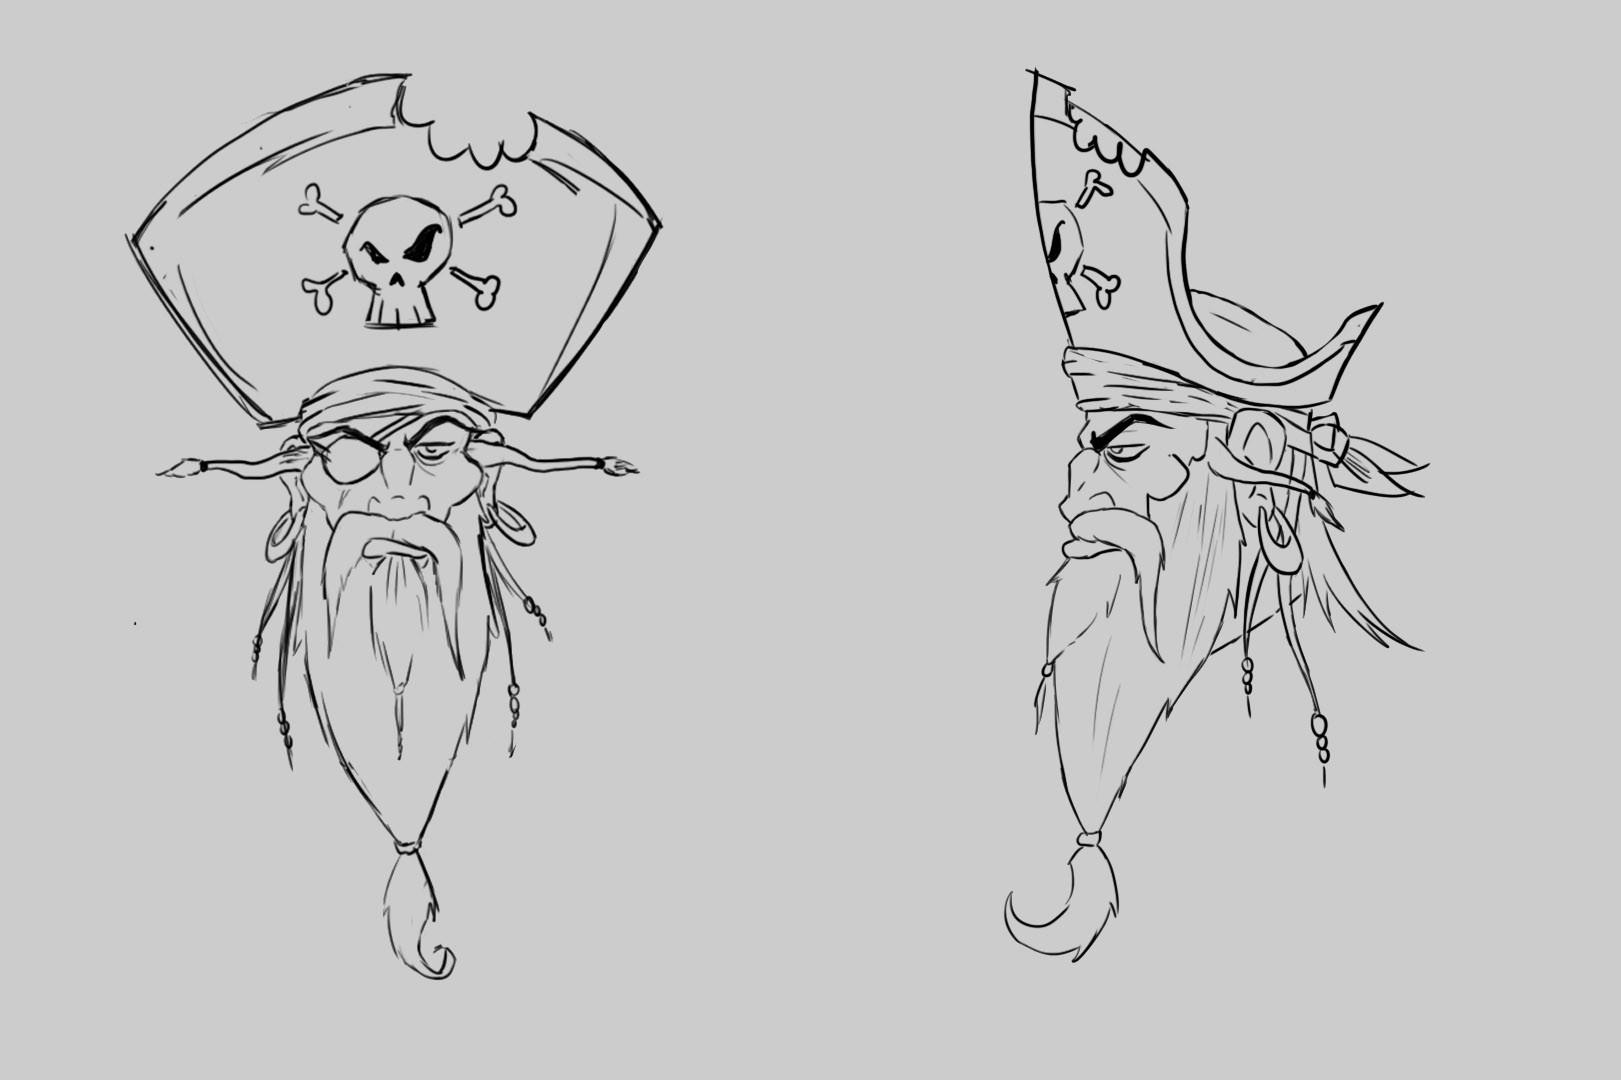 Giovanni sala pirata barbi testa 01 copia copia